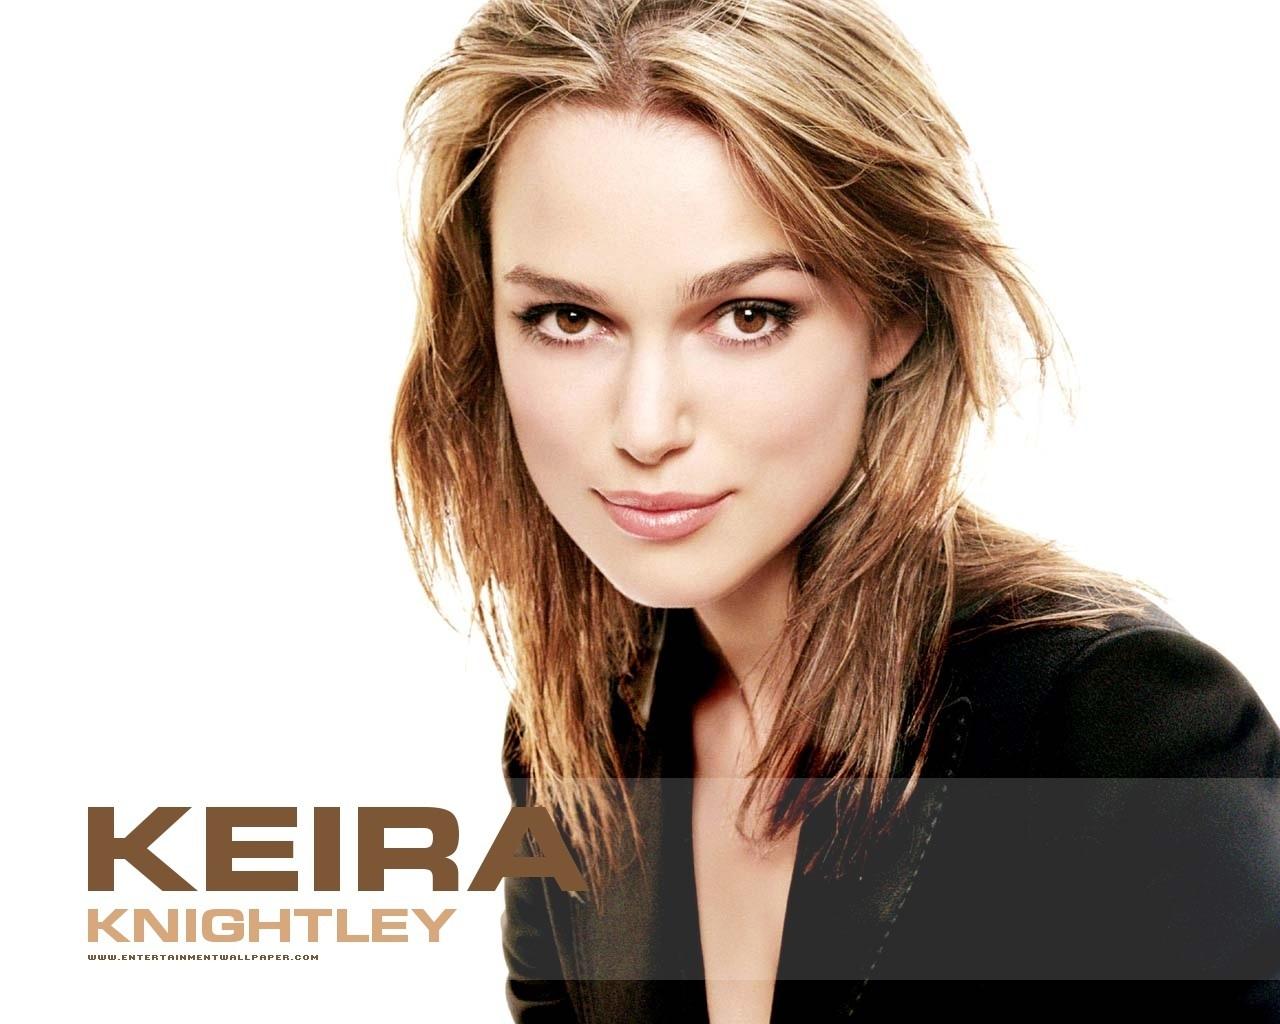 http://3.bp.blogspot.com/-_IxzahwLXkA/UDaXoIf6m6I/AAAAAAAAXfI/XNWnVKS-nfw/s1600/Keira-Knightley-keira-knightley-6770040-1280-1024.jpg